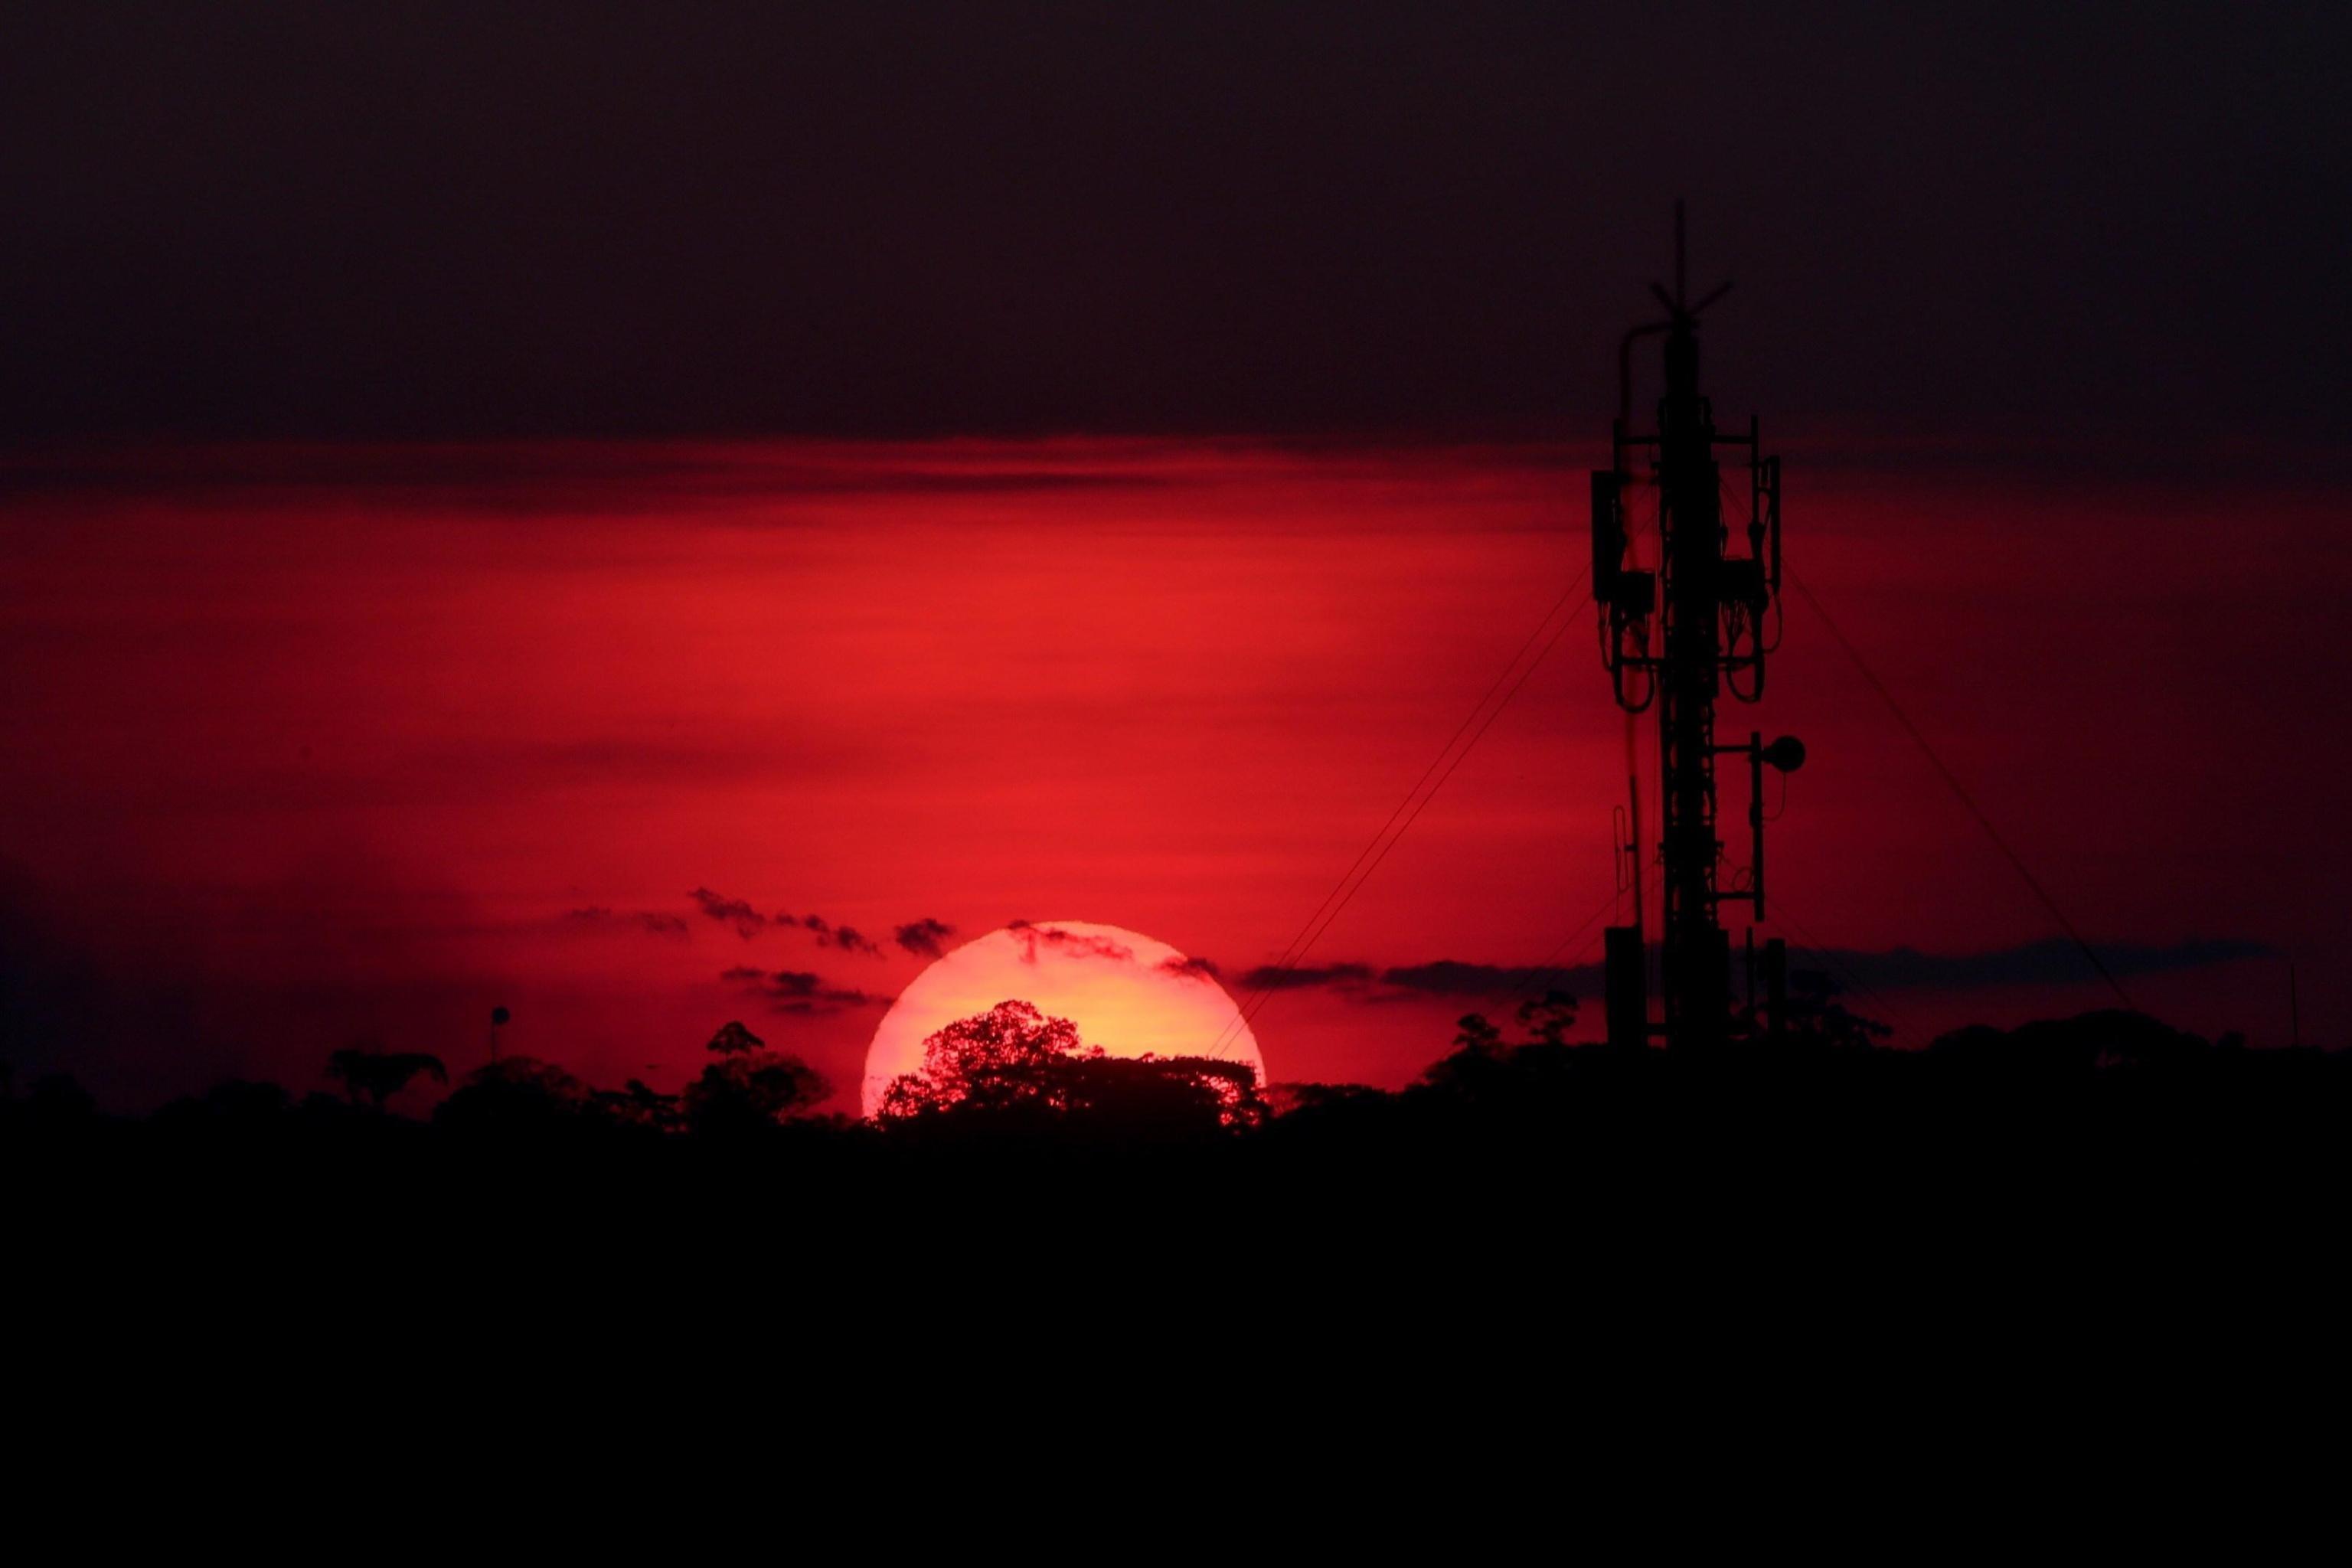 Gli incendi osservati all'ora del tramonto dalla città di Porto Velho, in Brasile